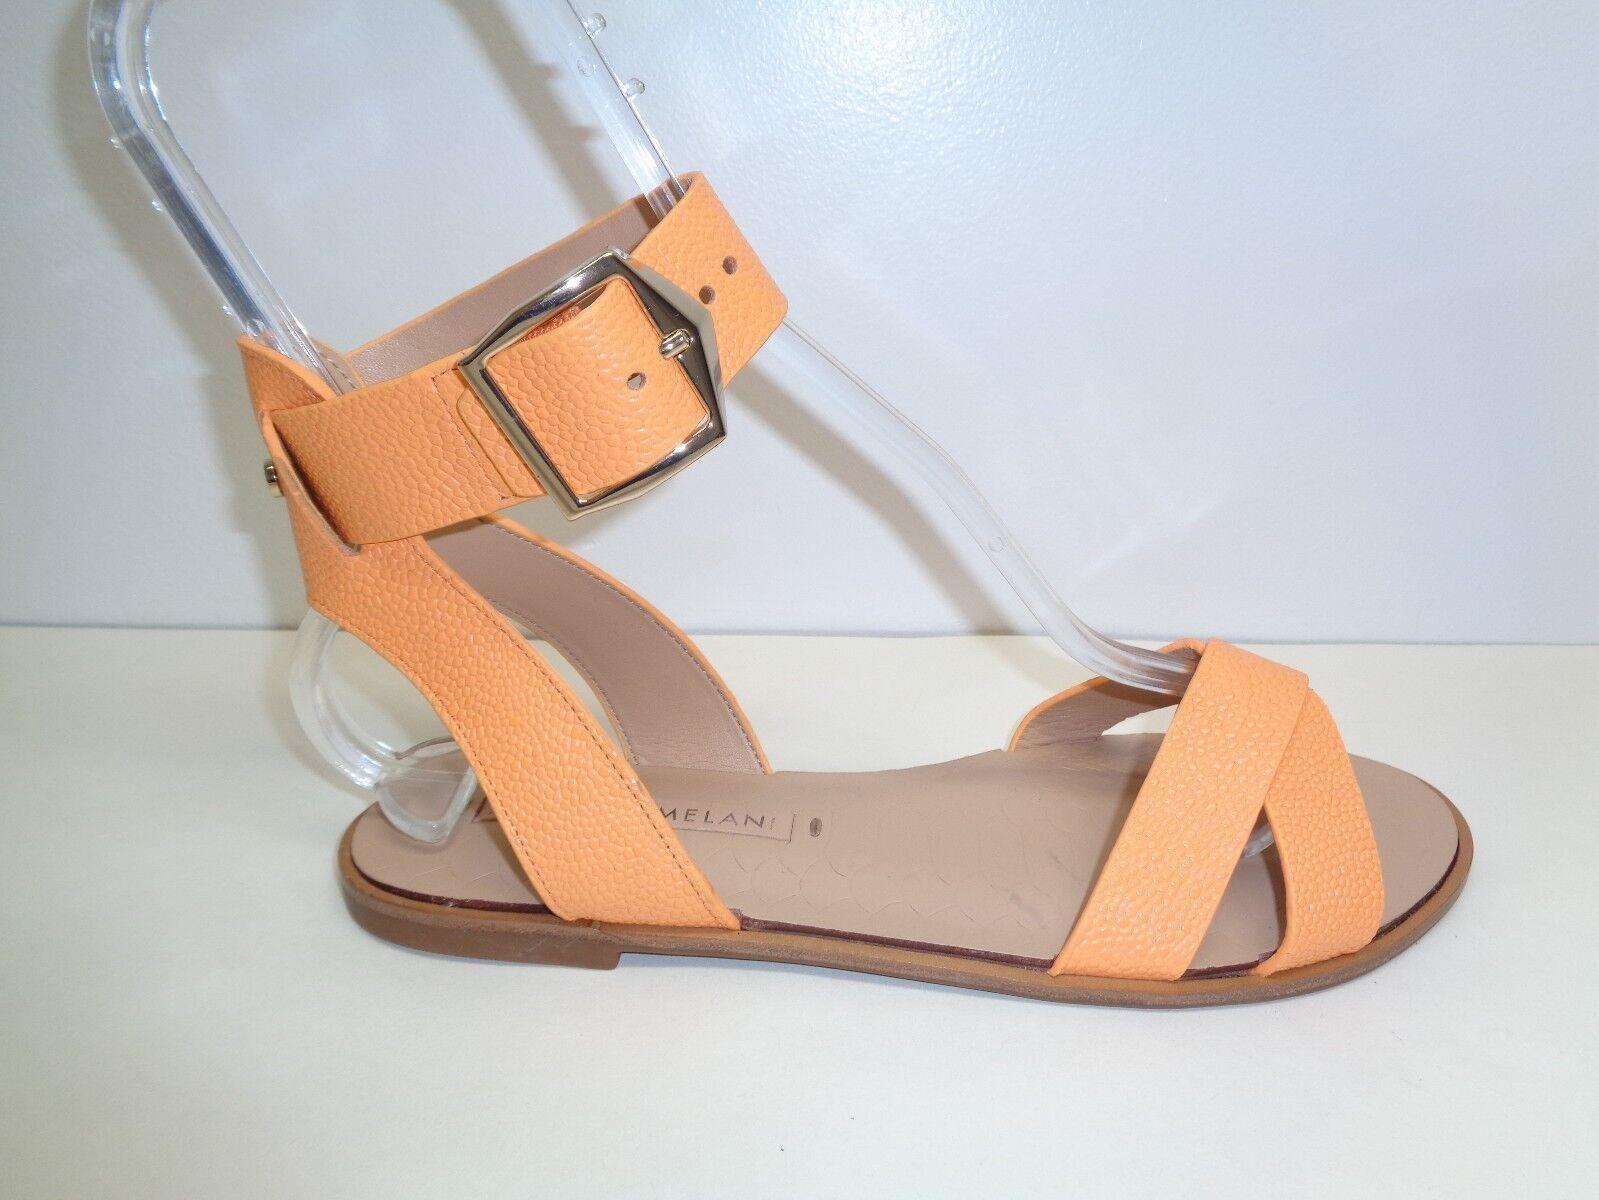 Antonio Melani tamaño 8.5 M Duane Duane Duane Naranja Nuevos Mujer Zapatos Sandalias De Cuero Cruz  Envío rápido y el mejor servicio